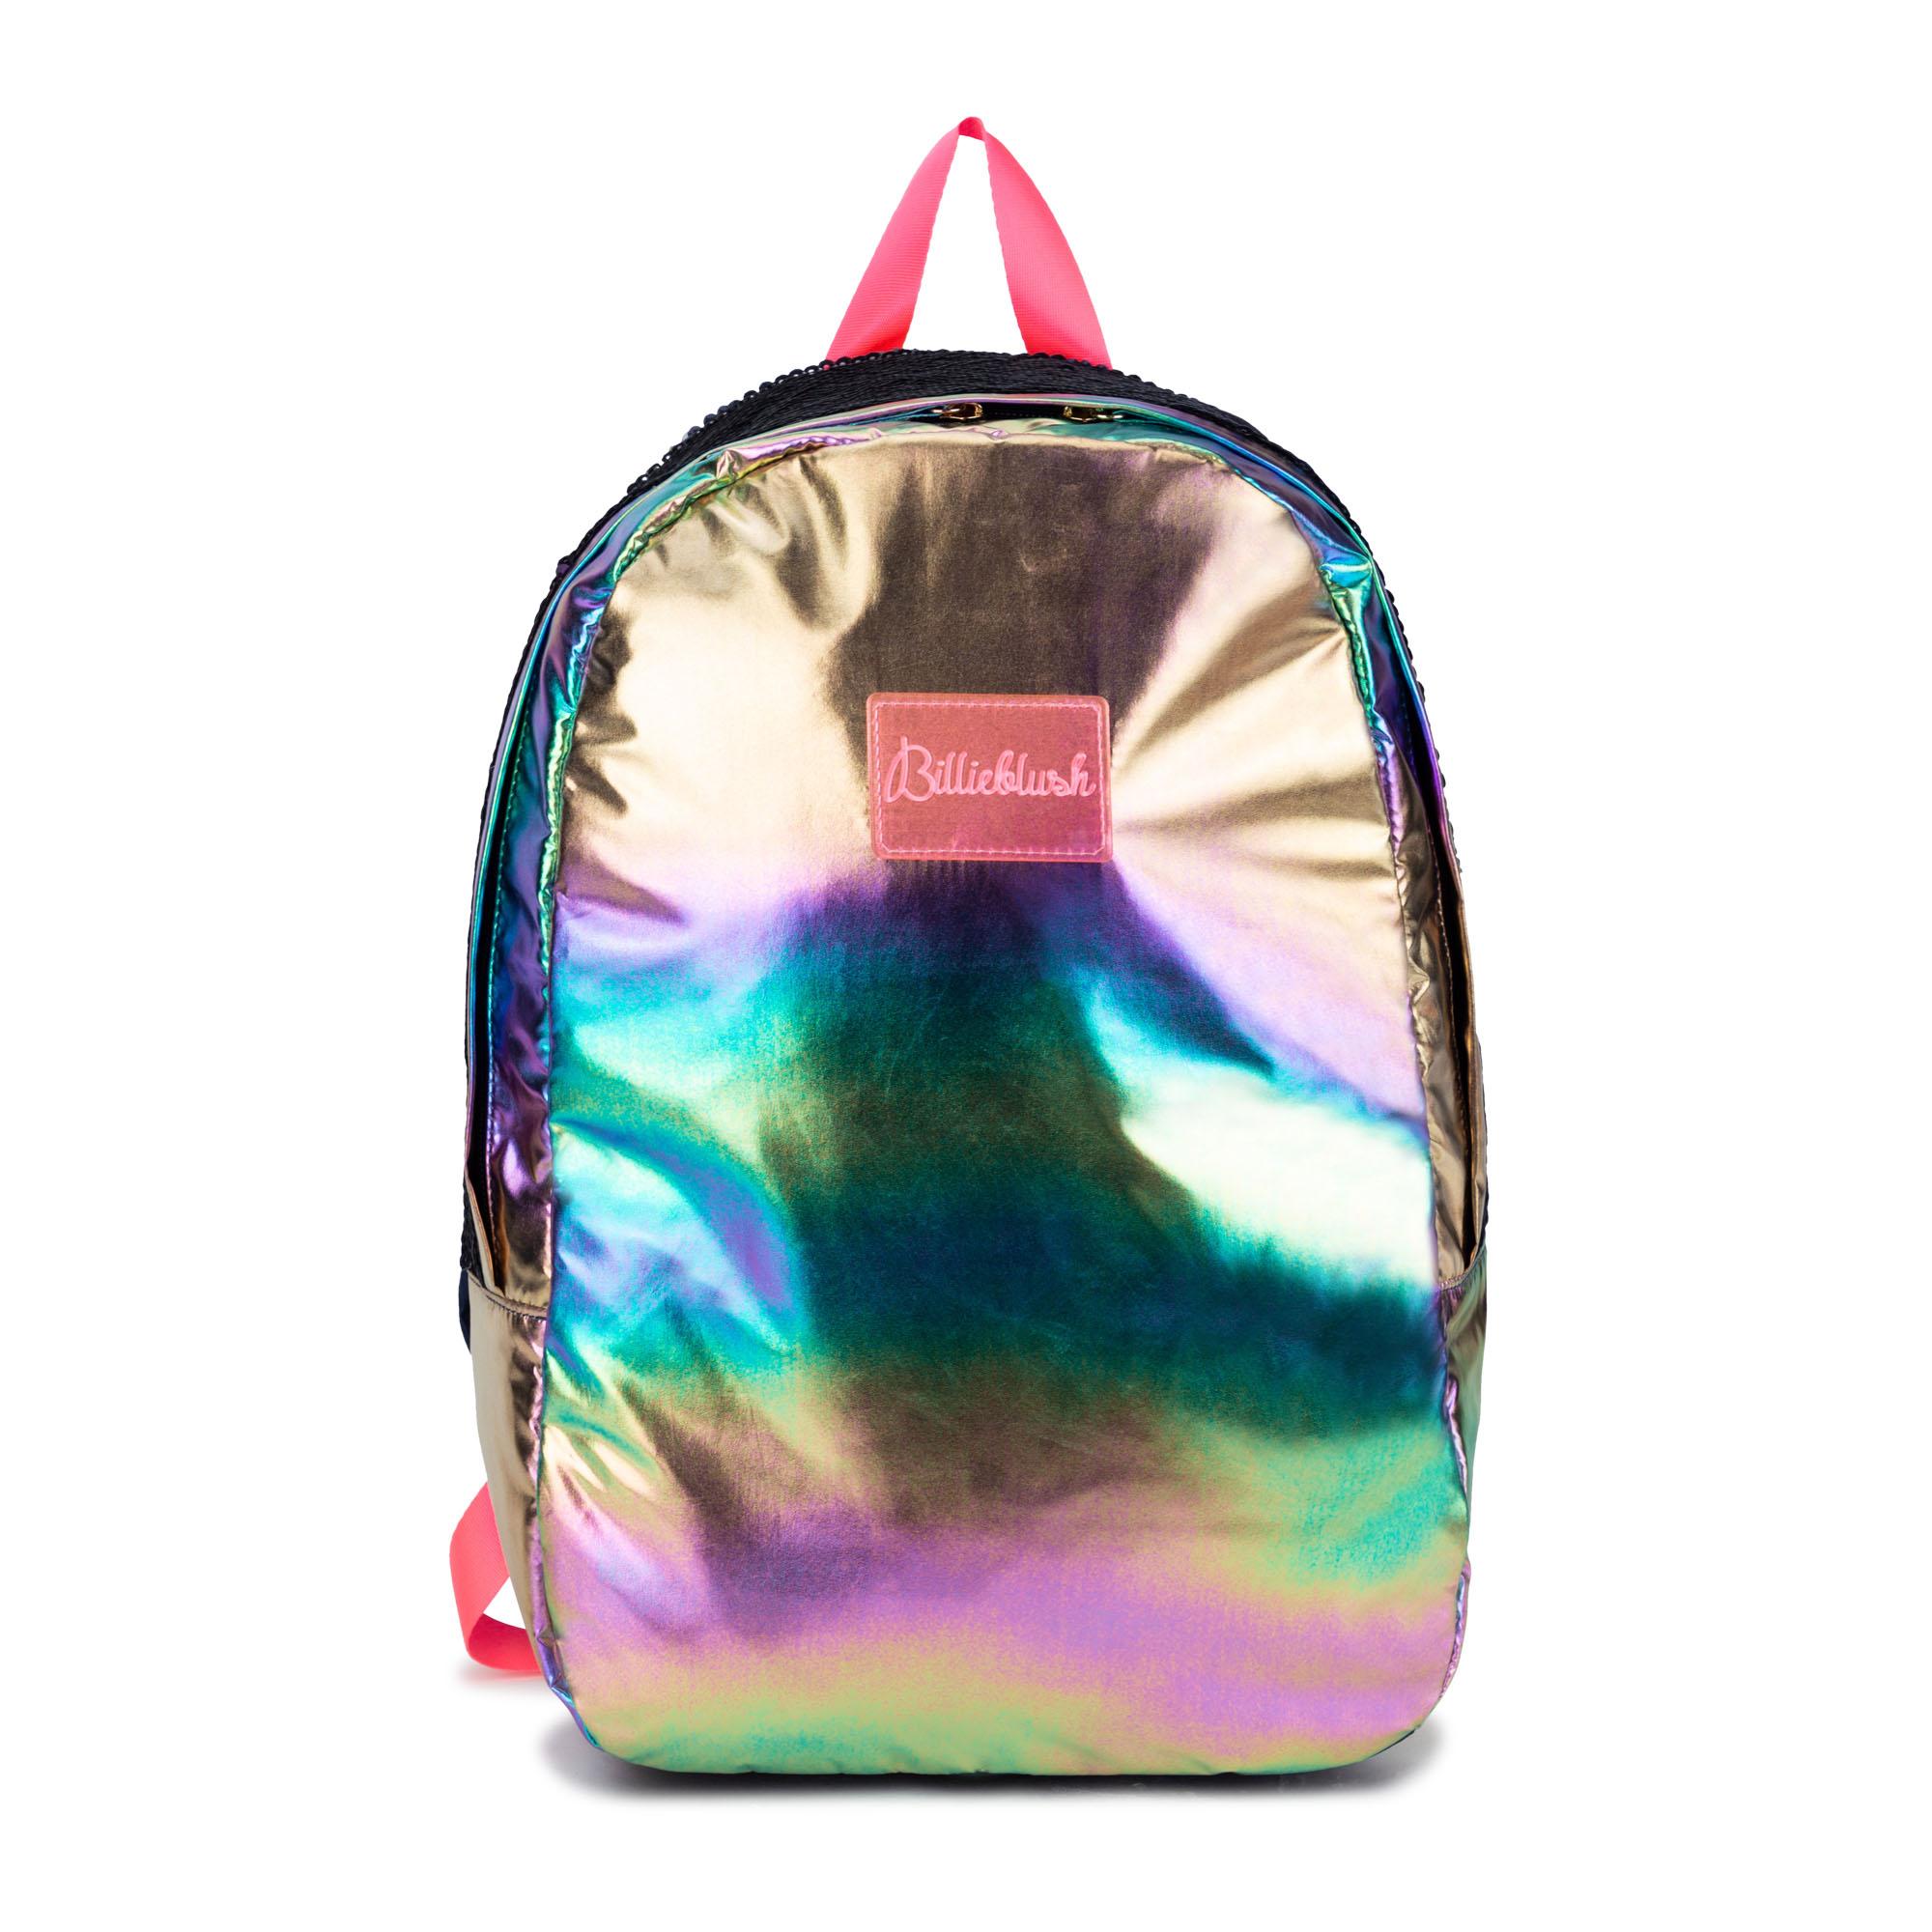 Sequined backpack BILLIEBLUSH for GIRL